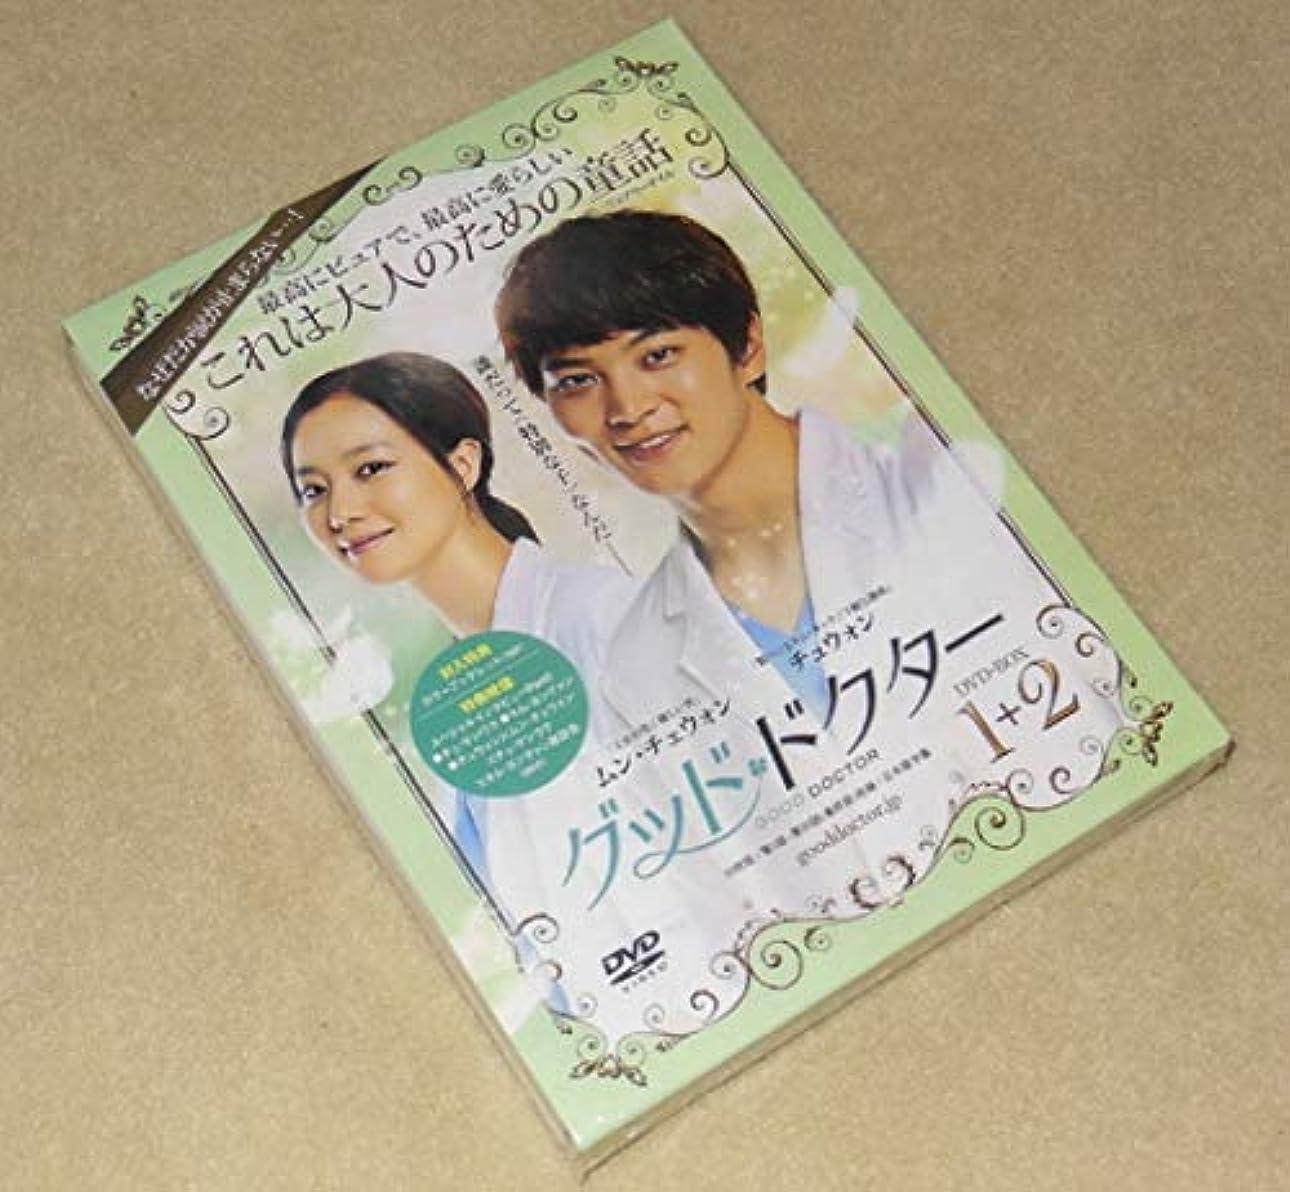 とティームしかし過半数グッド?ドクター DVD-BOX1+2 20話 本編1262分+特典132分10枚組 韓国語/日本語吹替 日本語字幕